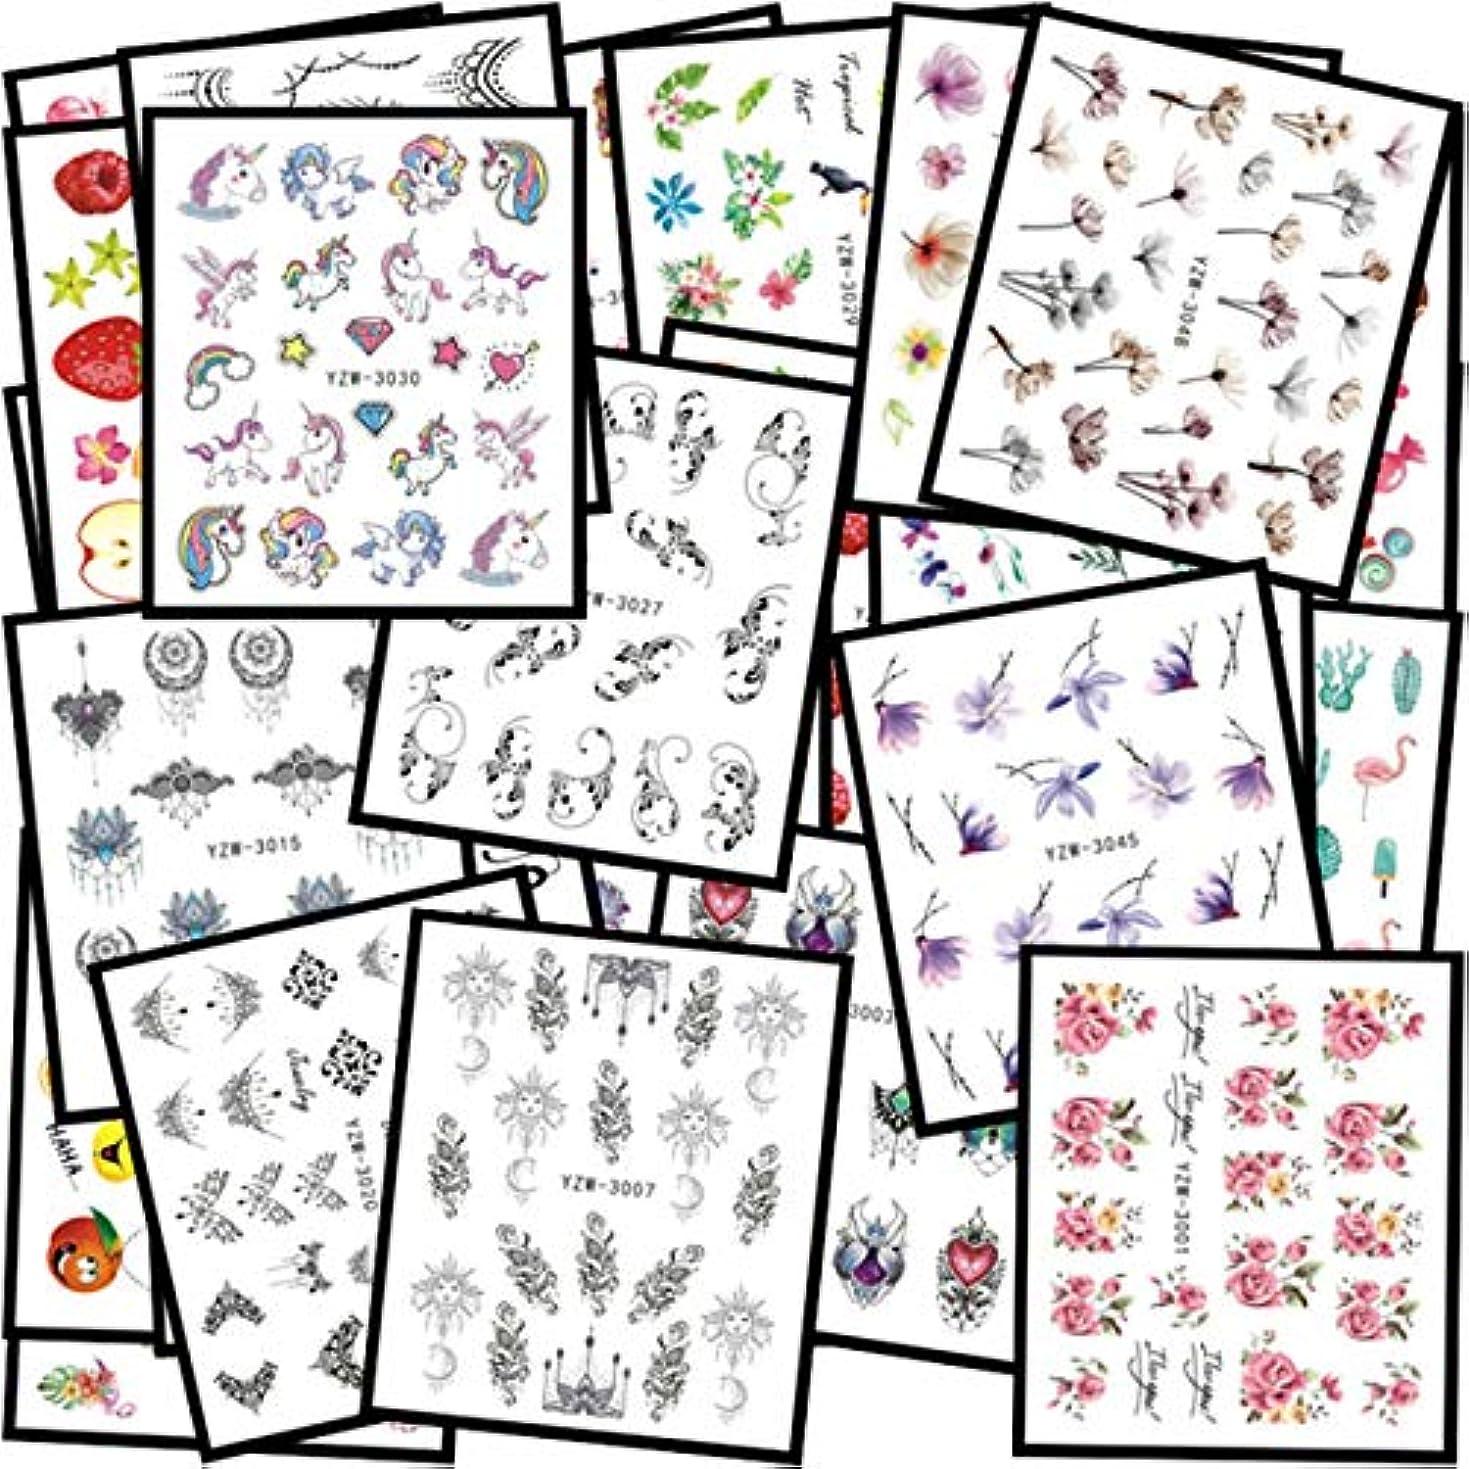 吹雪メールを書く指定するKingsie ネイルシール 48枚セット ウオーターシール 花 キャラクター ユニコーン フラミンゴ 果物 ネイルステッカー マニキュア ネイルアート デコレーション